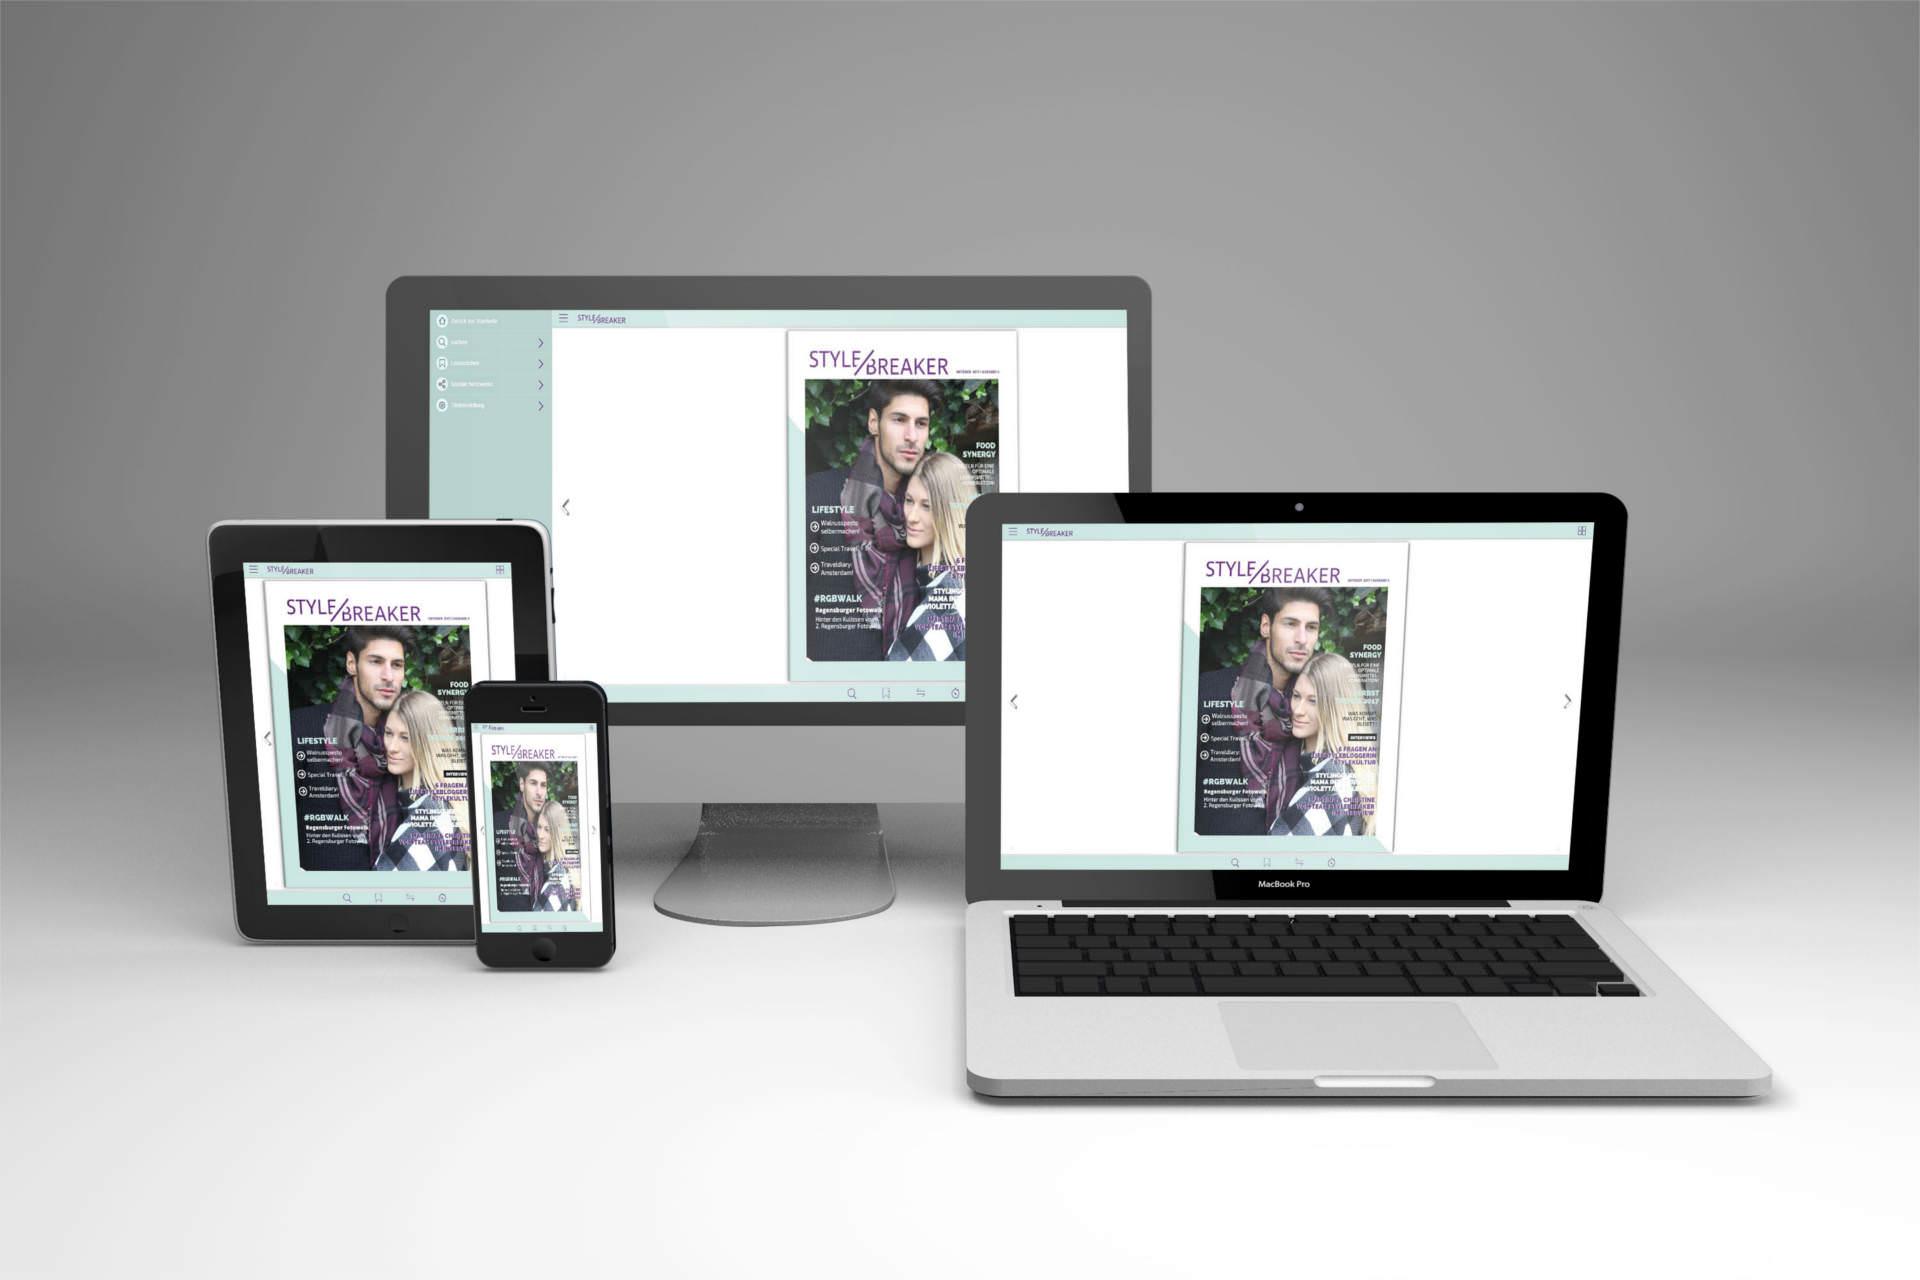 Projekt styleBREAKER Online Magazin